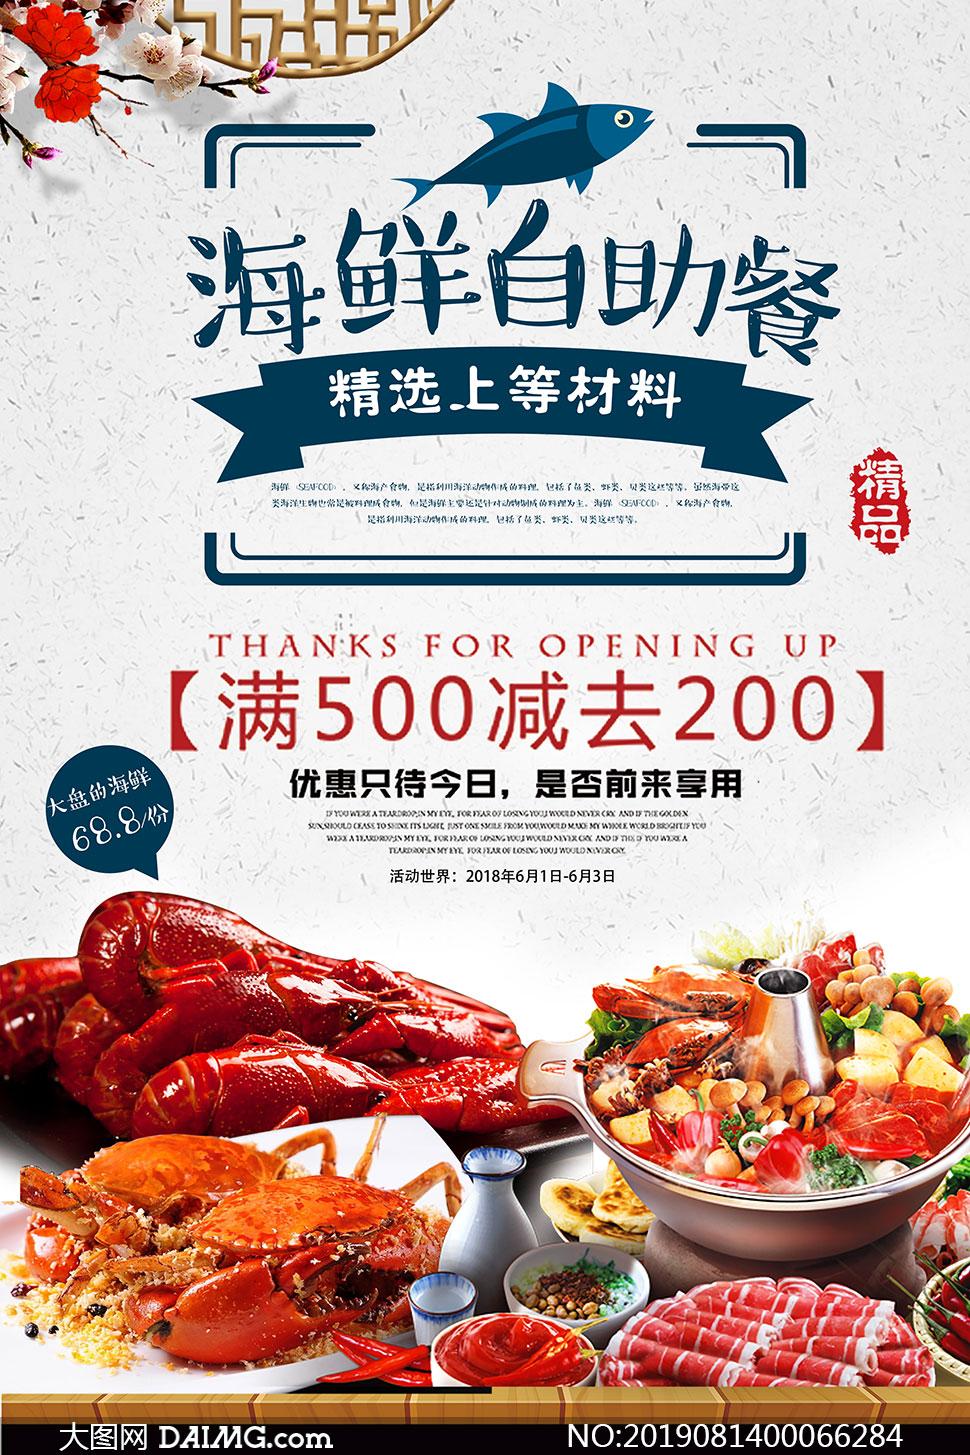 海鲜自助餐宣传海报设计PSD素材